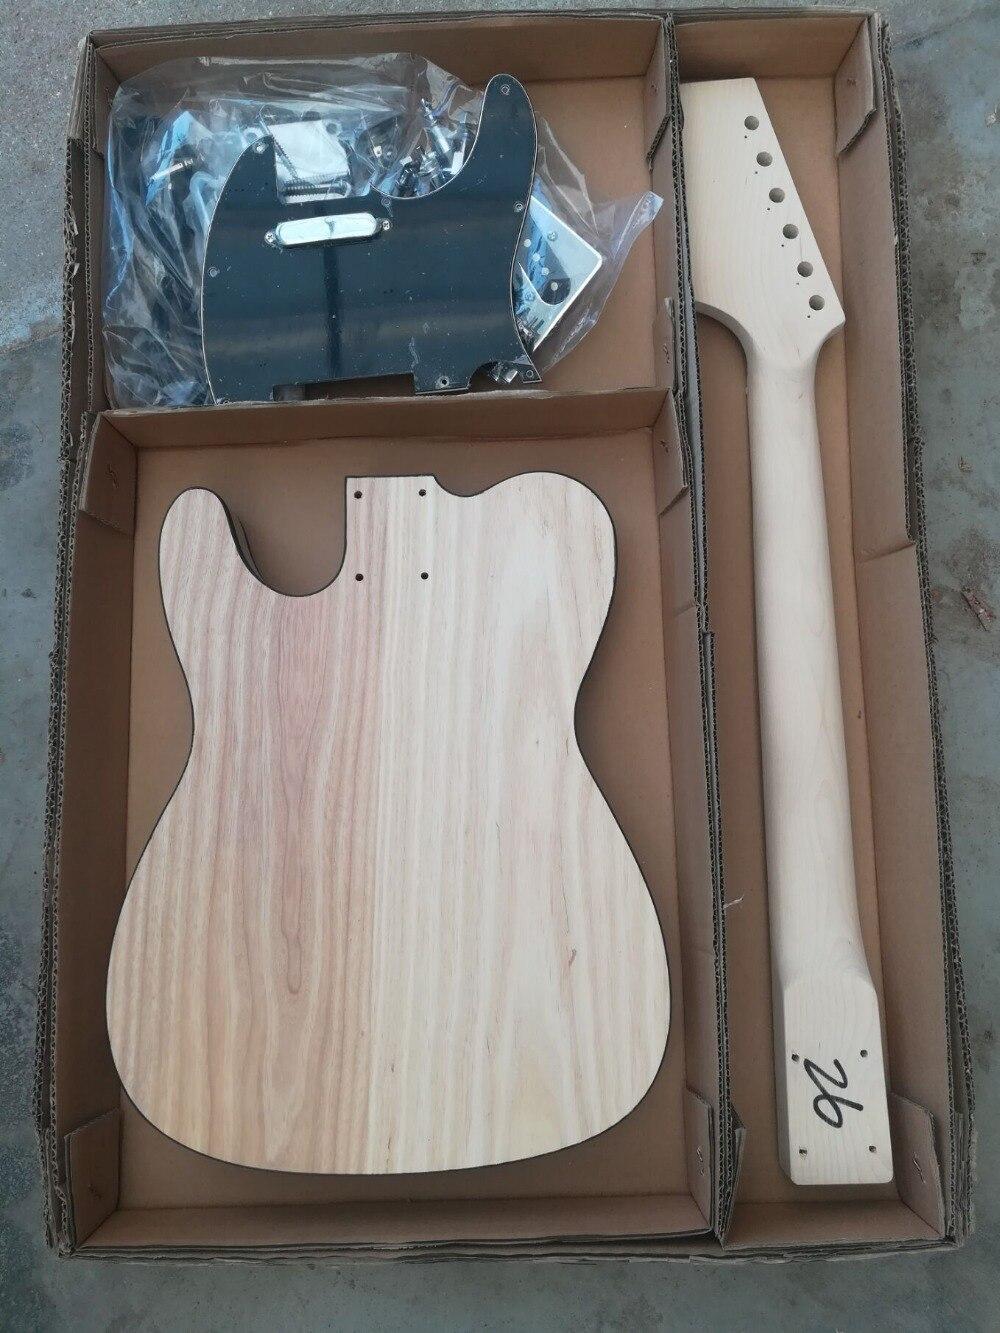 Tangwood 2018 nouveau kit de bricolage de GYTL-007 populaire Set guitare électrique avec accessoires, peut être personnalisé, livraison gratuite